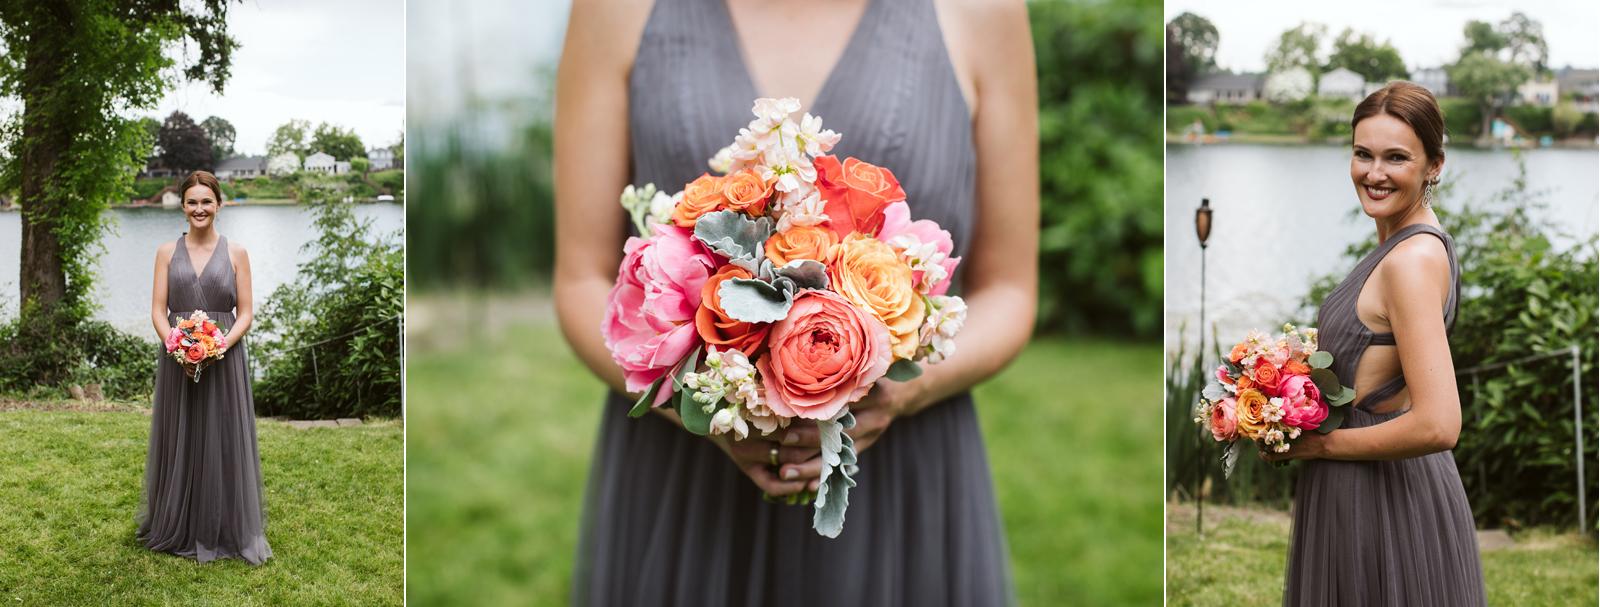 039-daronjackson-gabby-alec-wedding.jpg